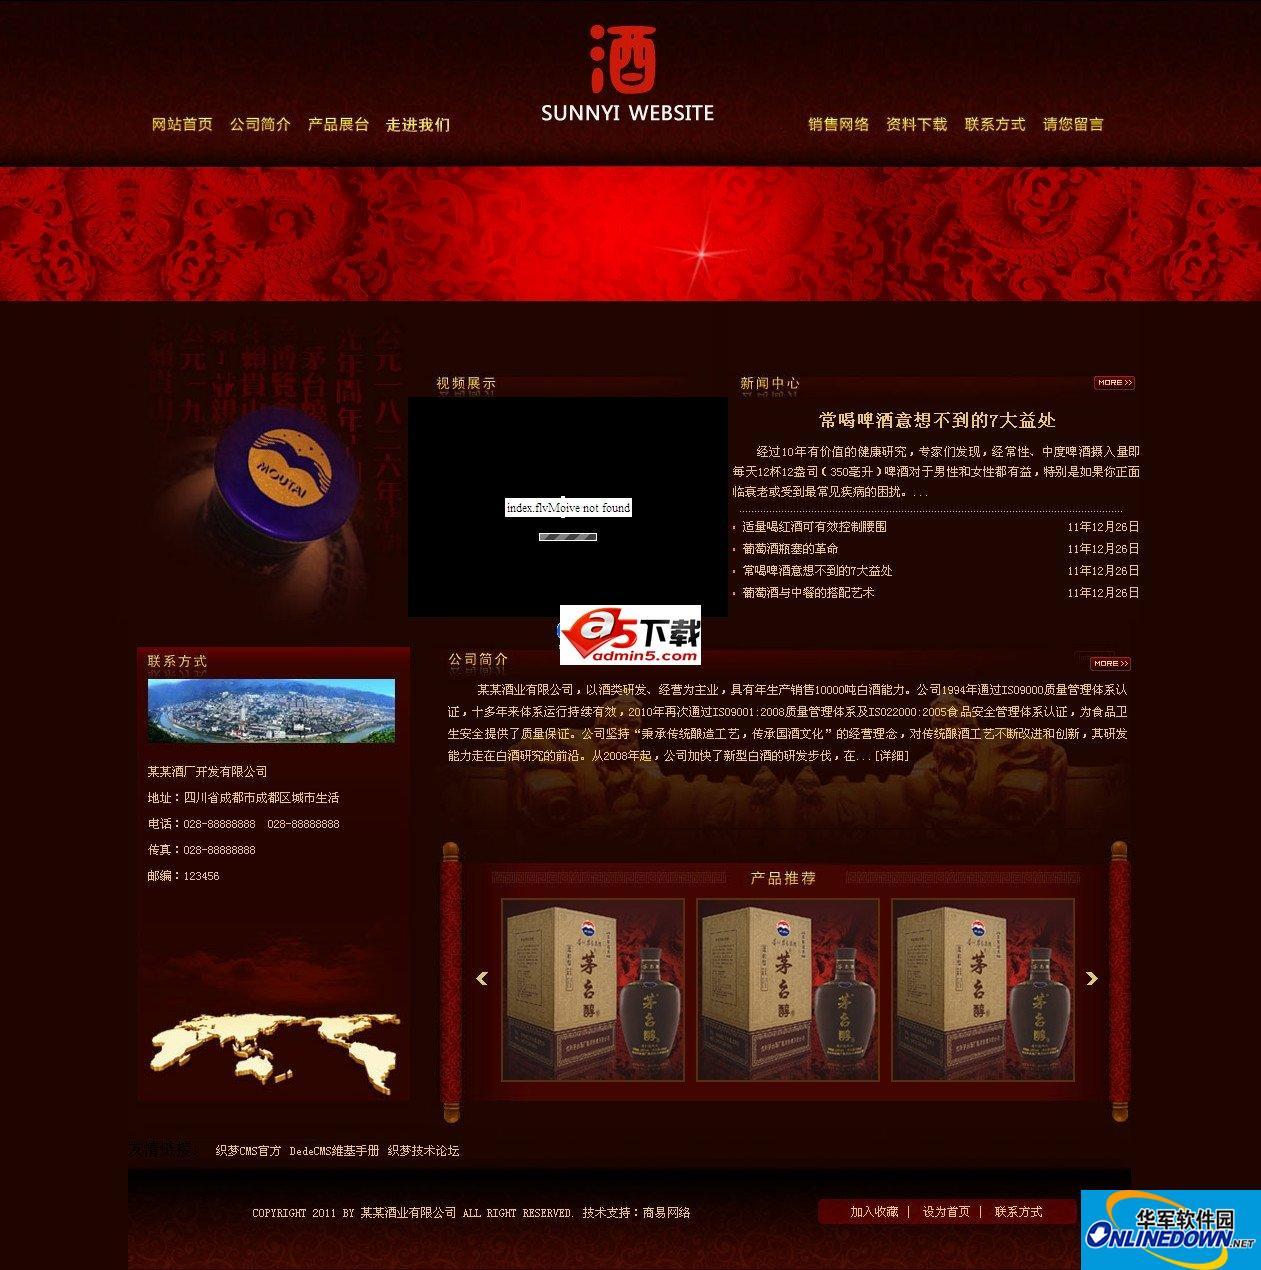 酒业公司网站整站 For Dedecms 5.7